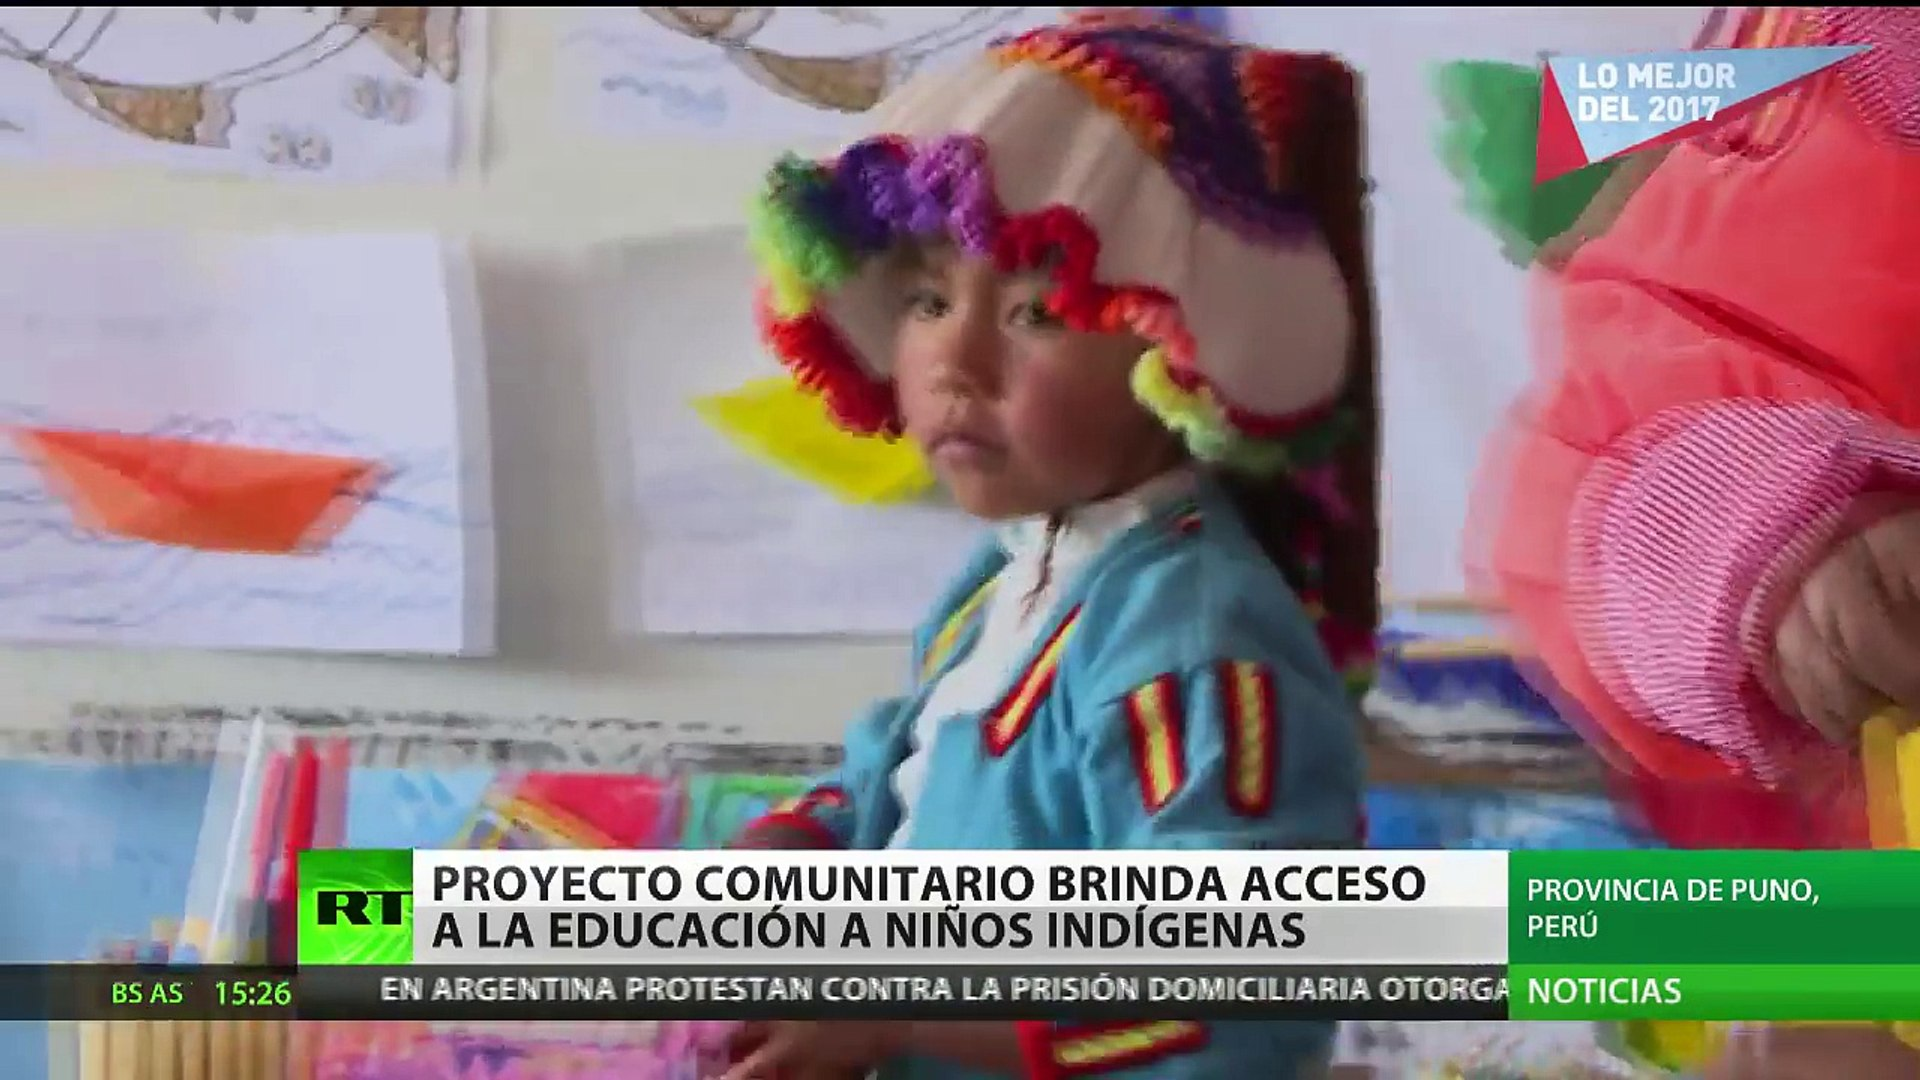 Peru Un Proyecto Comunitario Brinda Acceso A La Educacion A Ninos Indigenas Video Dailymotion